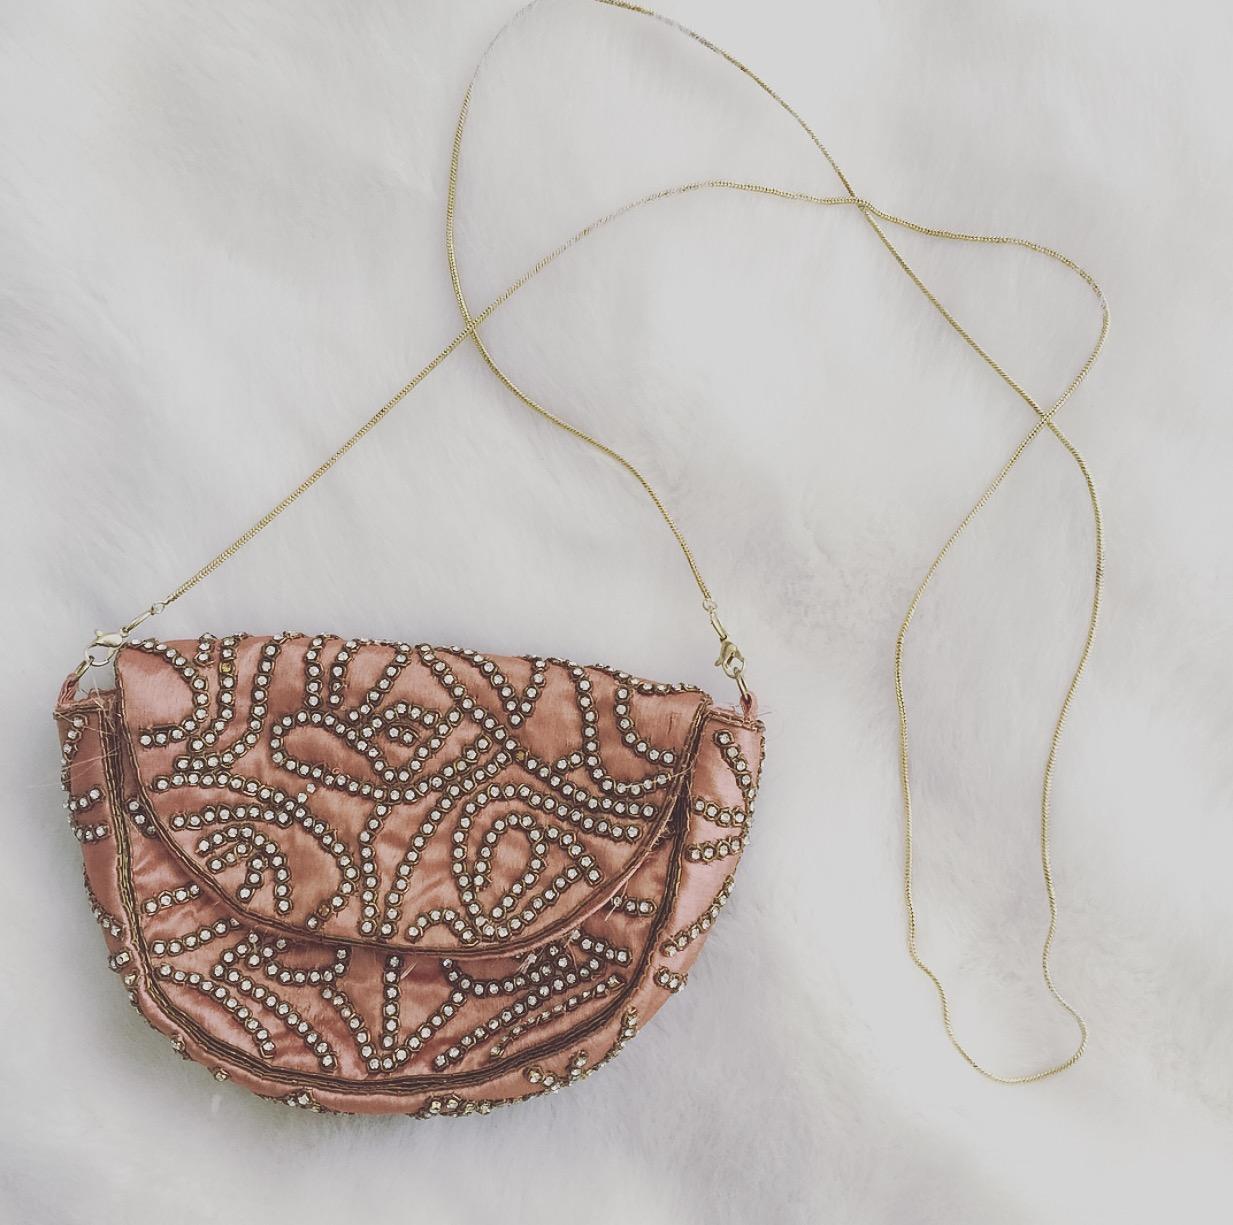 Vintage inspired purse. Anthroplogie